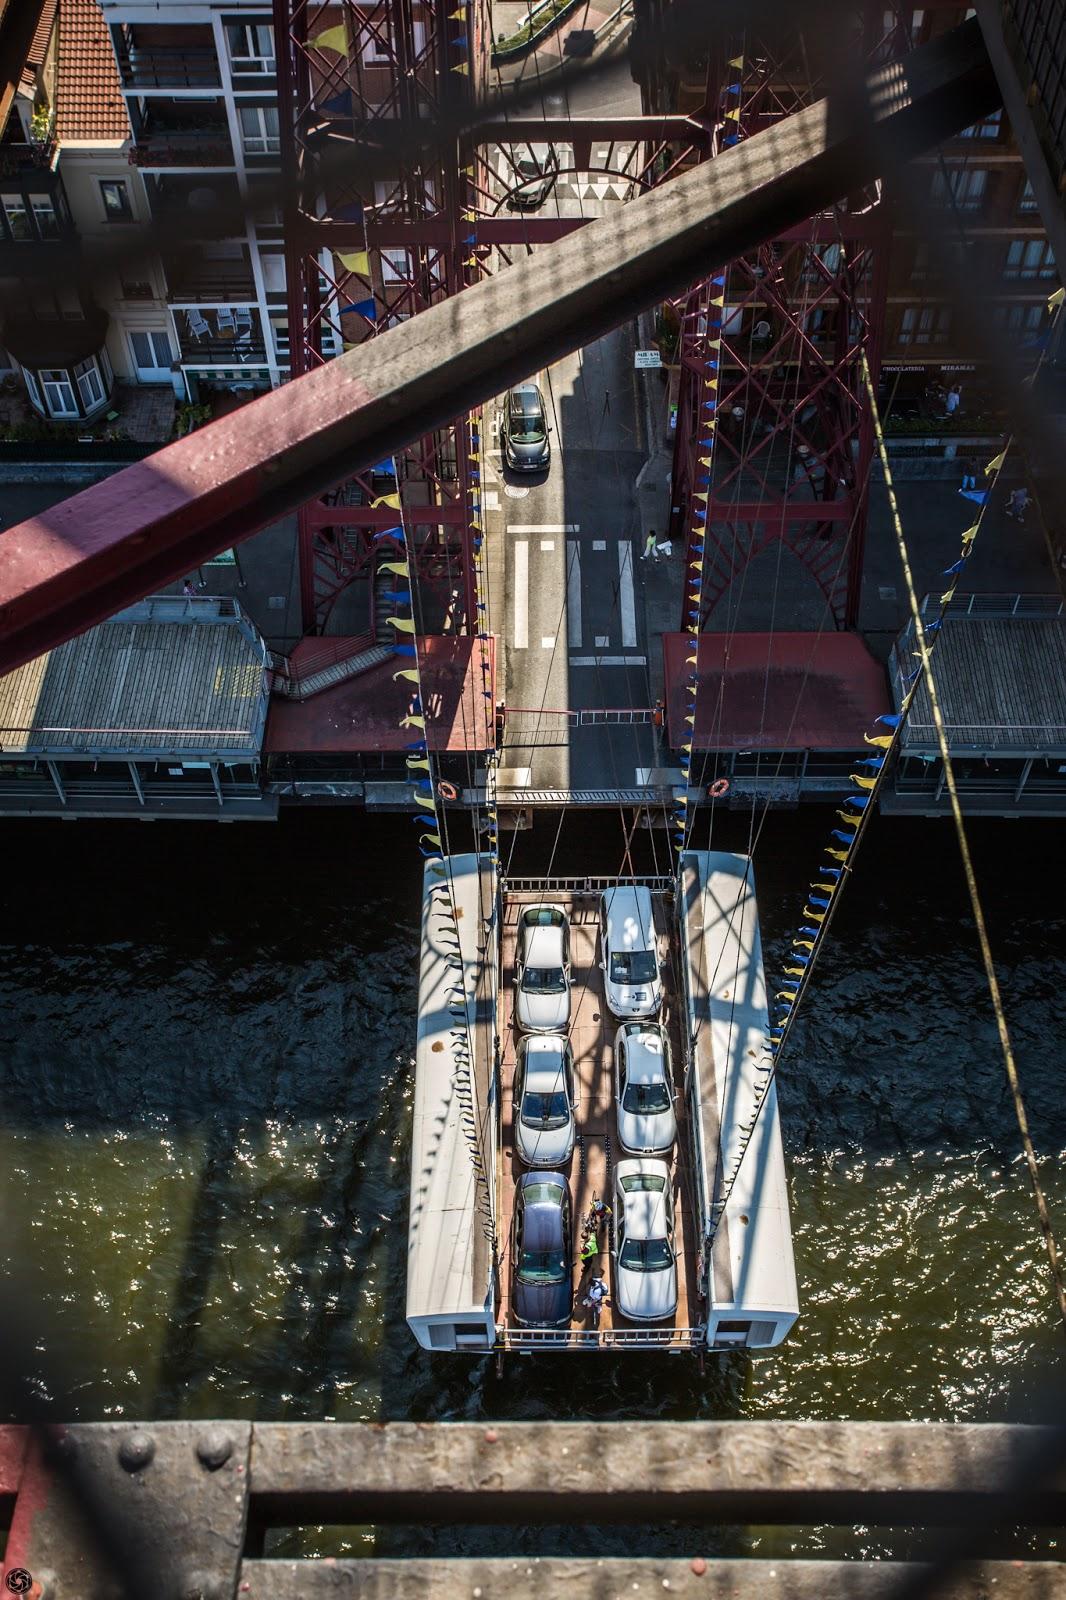 La barcaza :: Canon EOS 5D MkIII | ISO100 | Canon 24-105@36mm | f/9.0 | 1/160s